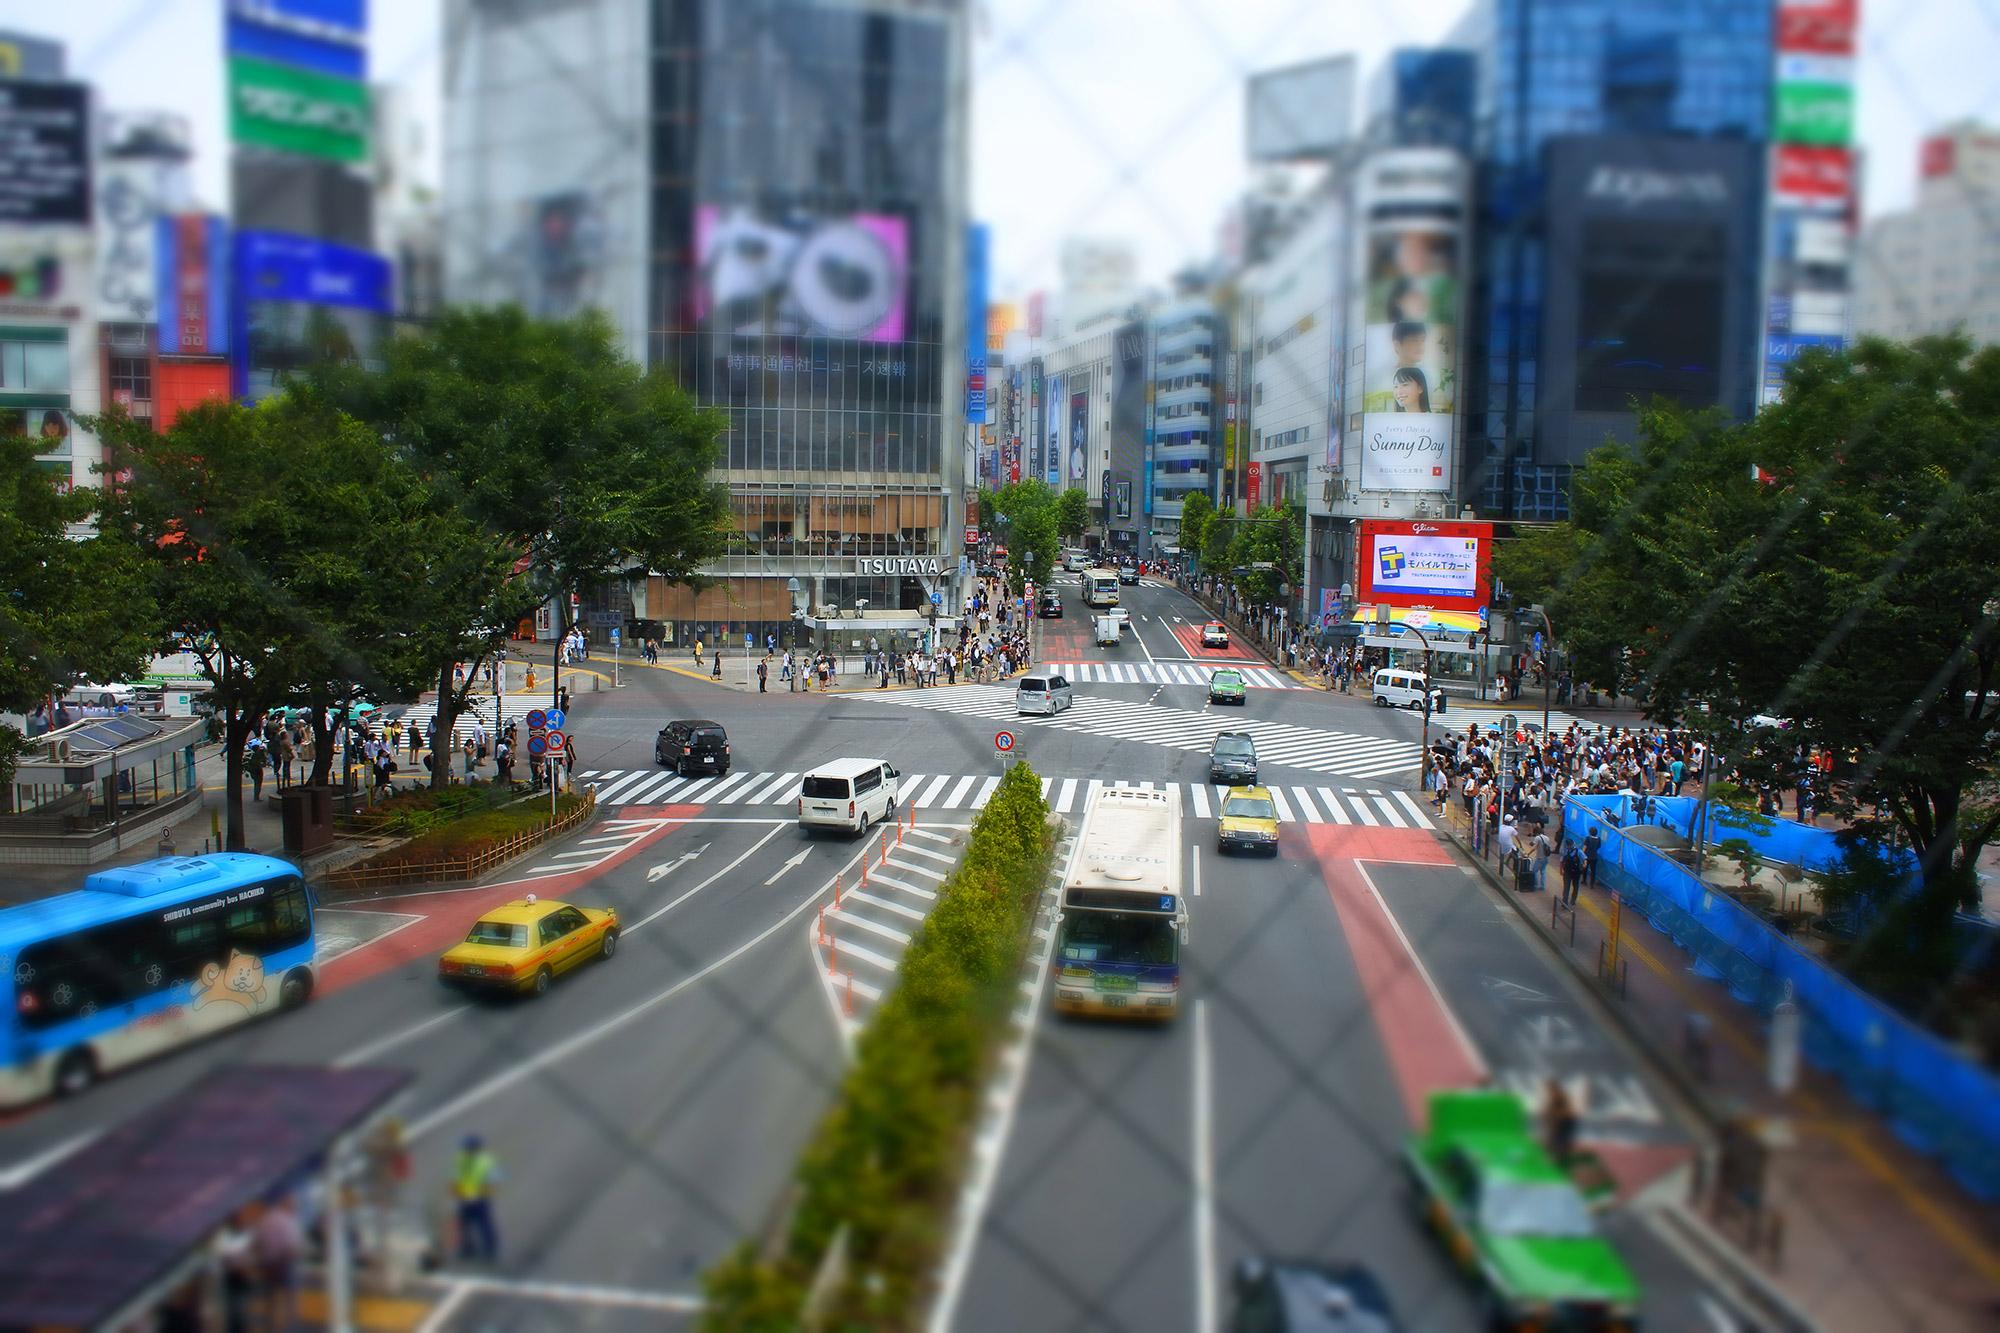 De volgers van Reizen & Reistips: Erik en Judith - Shibuya Crossing in Tokyo